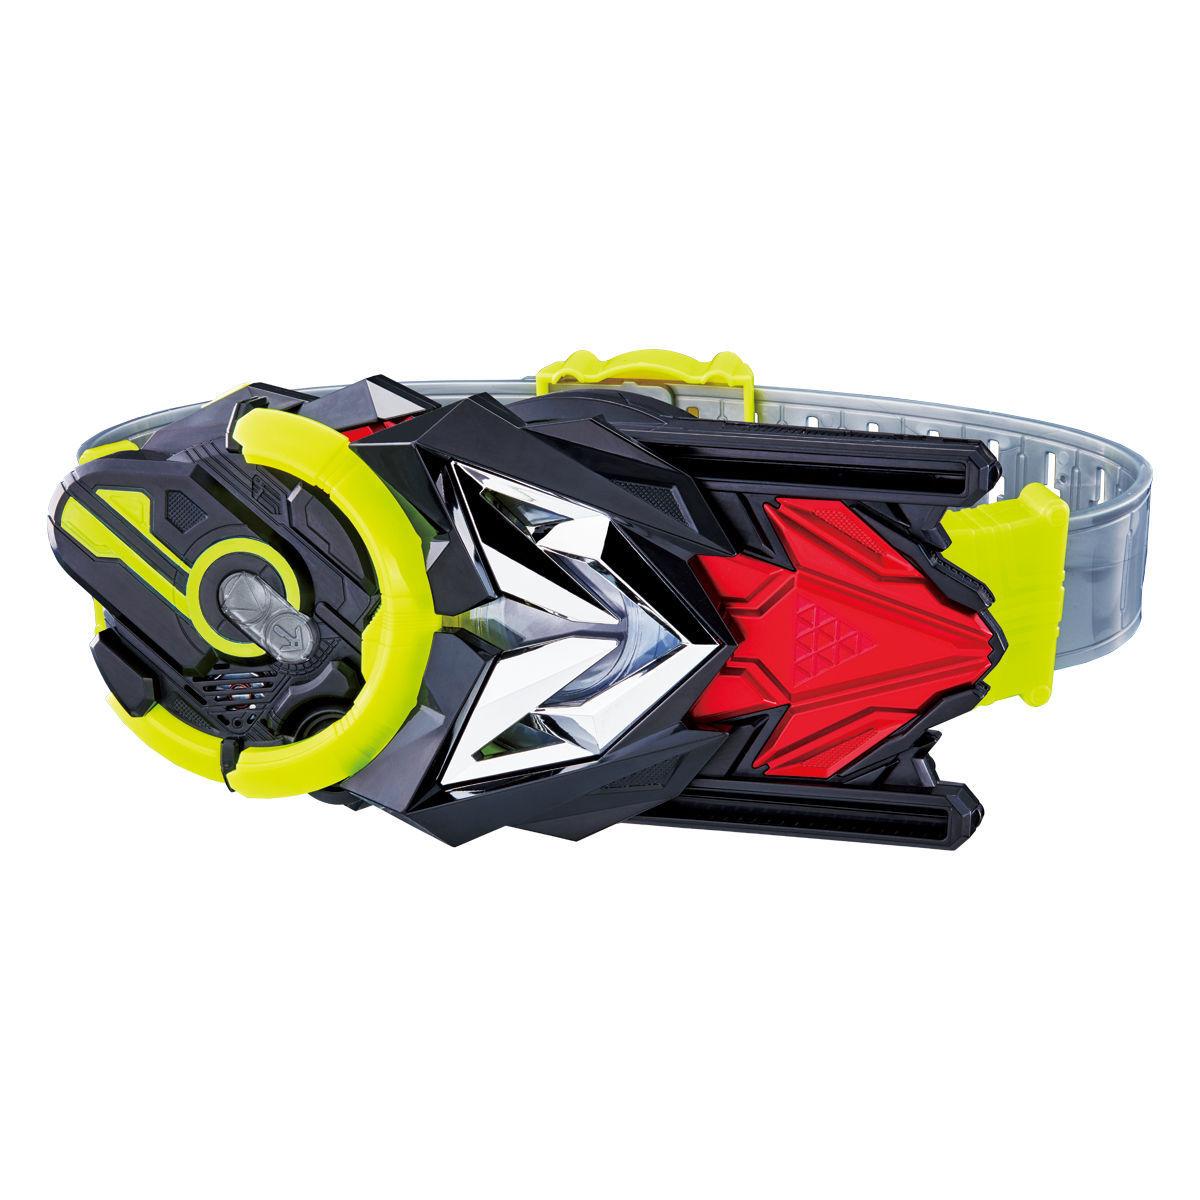 【先行抽選販売】仮面ライダーゼロワン『DX飛電ゼロワンドライバー』変身ベルト-003